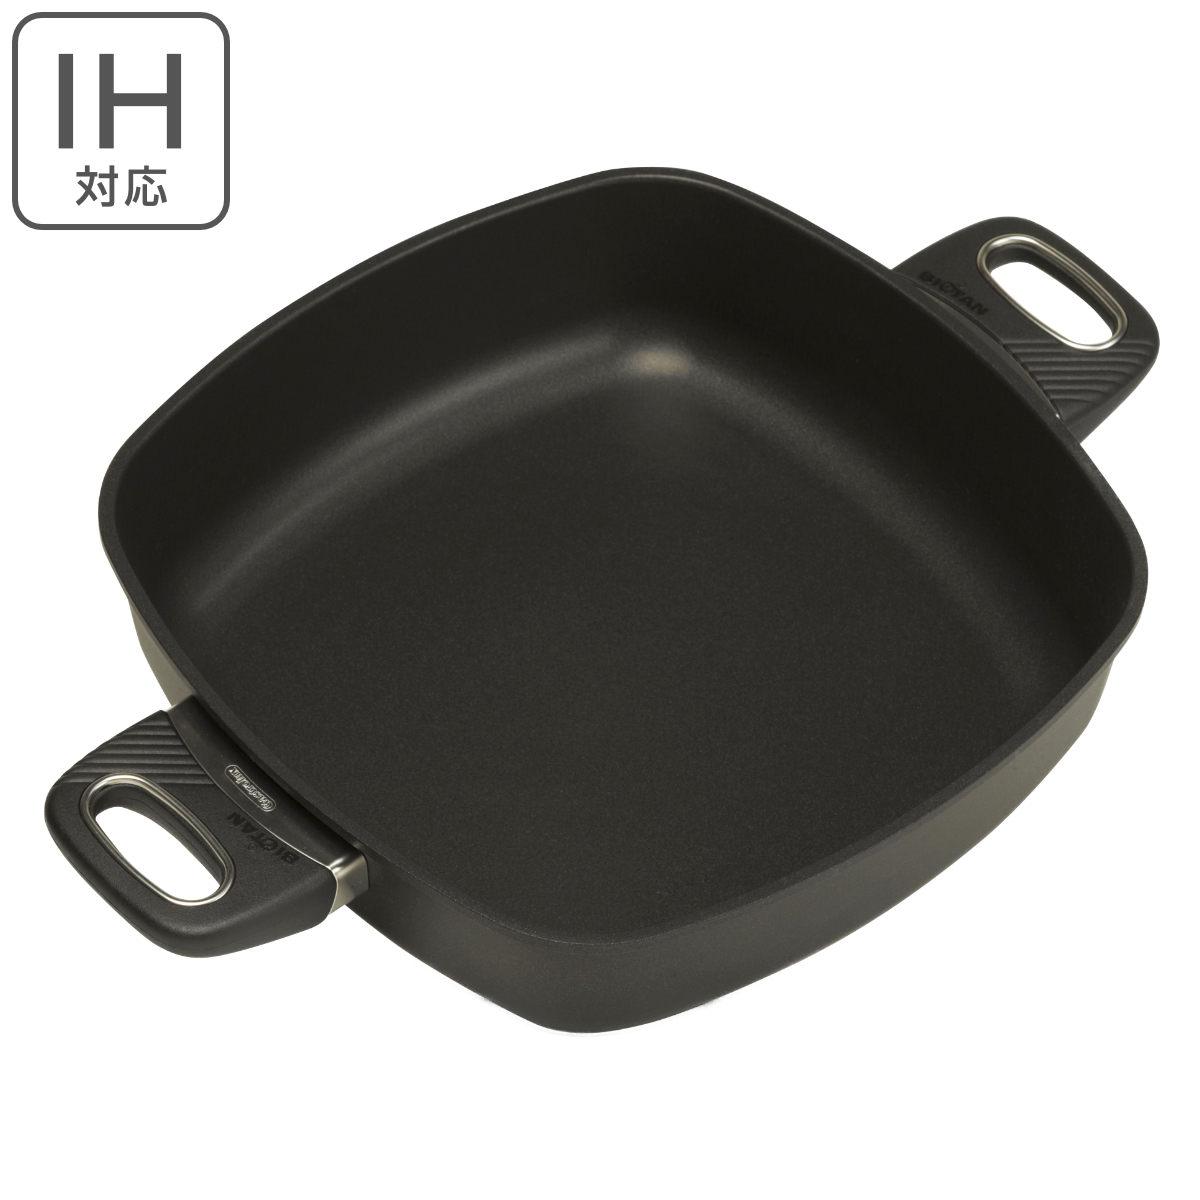 IH対応角型浅鍋 バイオタン BIOTAN 28×28cm 深さ7cm 17528 ( 送料無料 ガス火対応 ガストロラックス フライパン Gastrolux 2年保証 焦げ付きにくい )